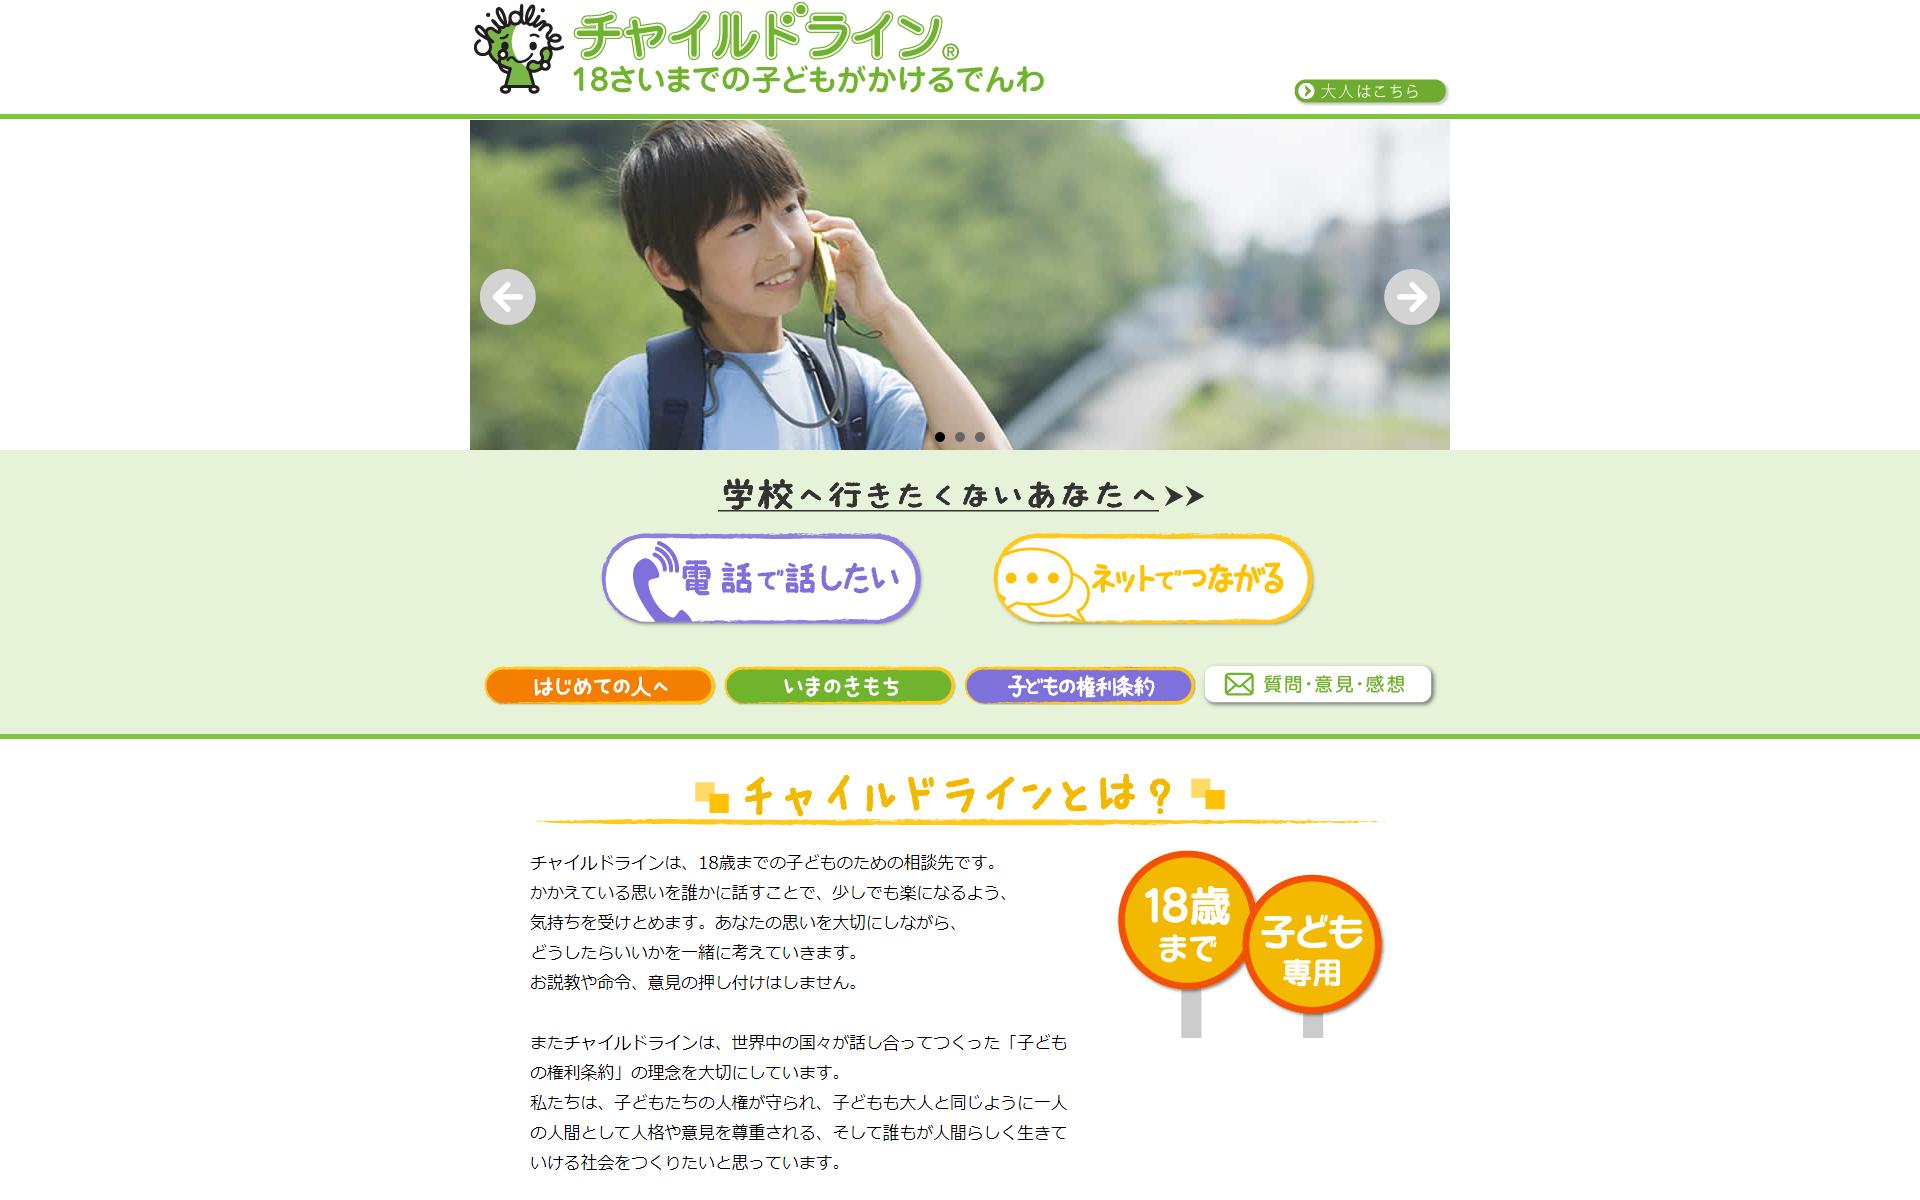 チャイルドライン 公式サイト イメージ画像